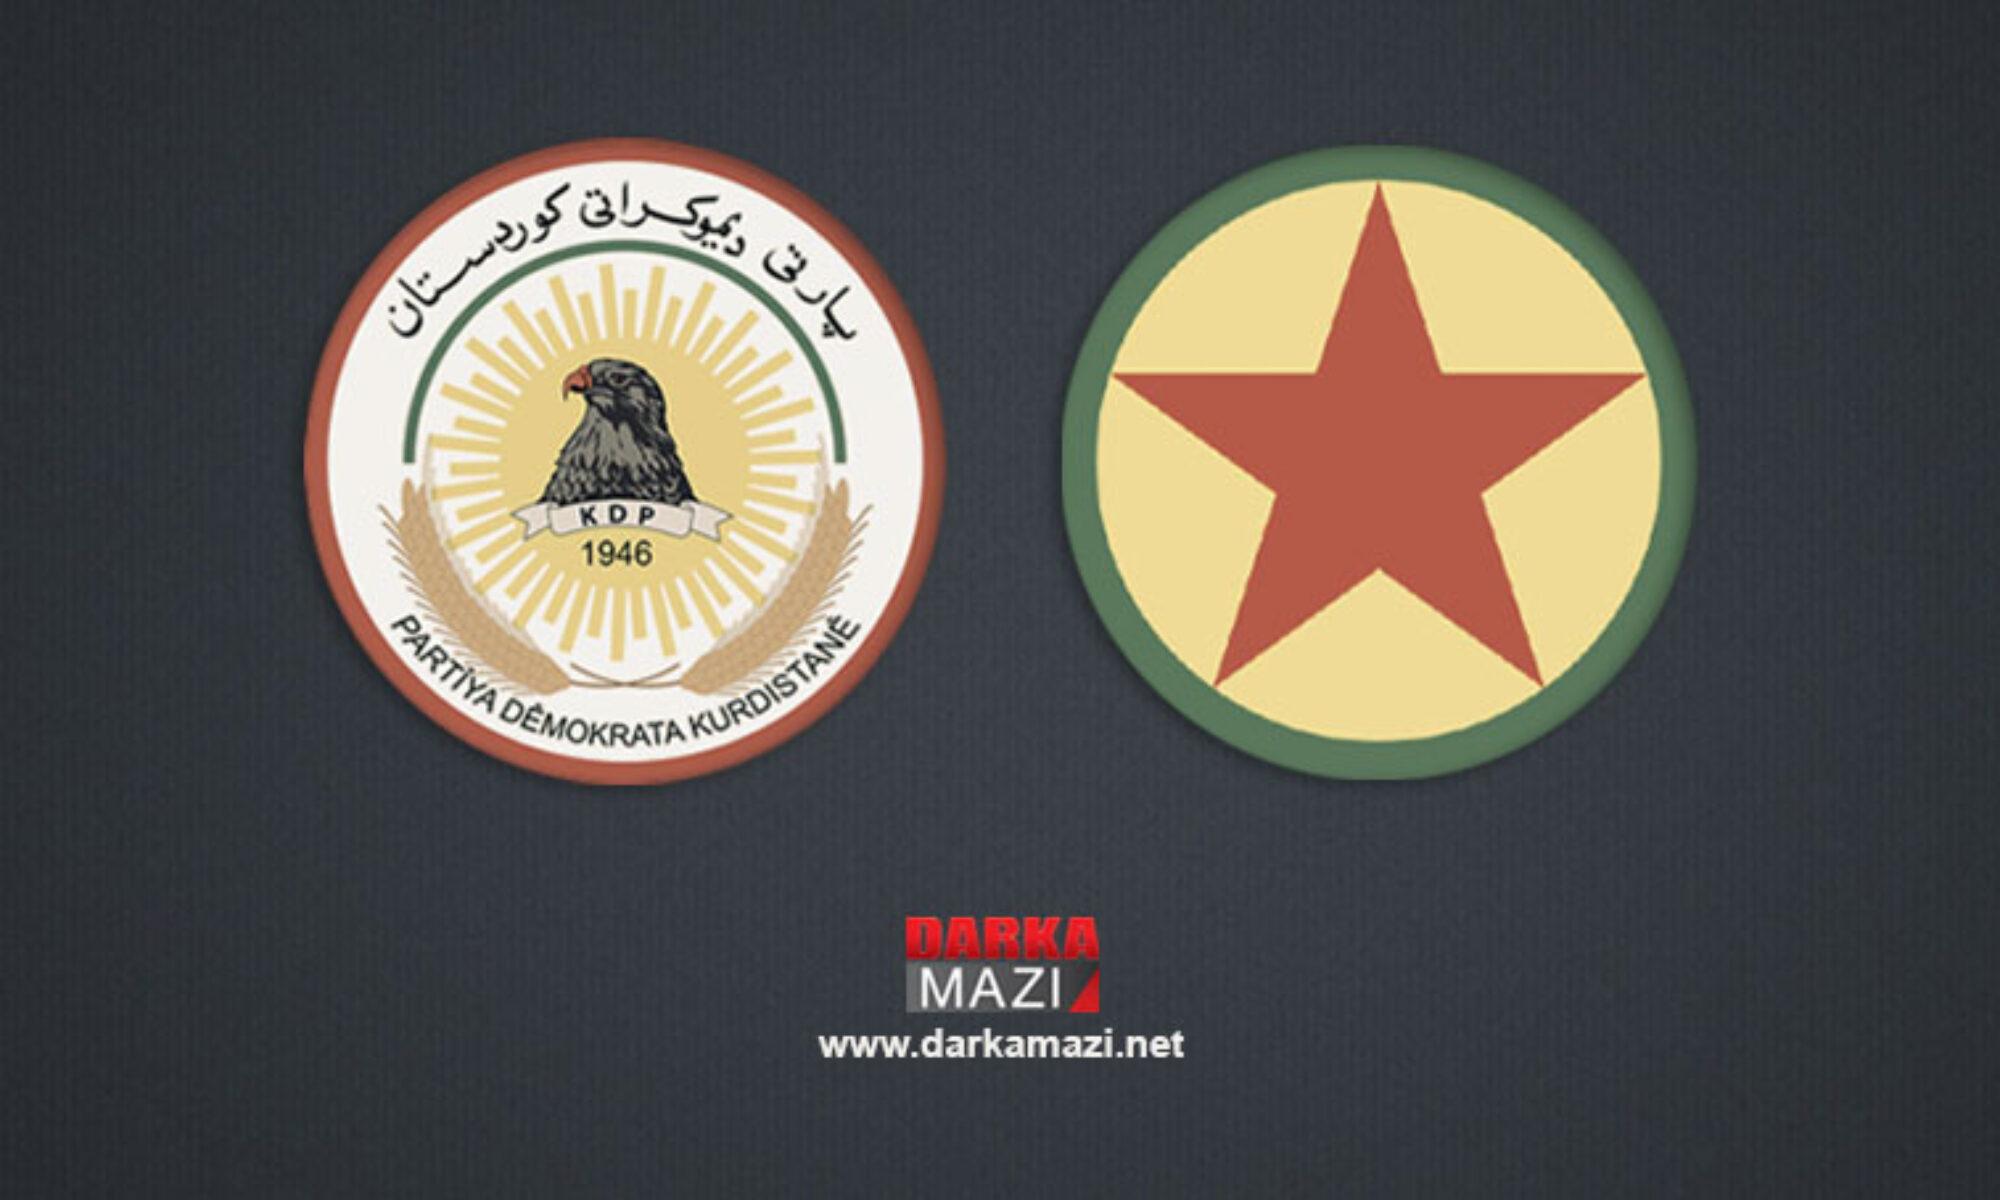 KDP: PKK'nin 7 üyelerinin öldürüldüğü yönündeki iddaları tamamen asılsızdır Mahmud Muhammed Xalifan, HPG, Gerilla